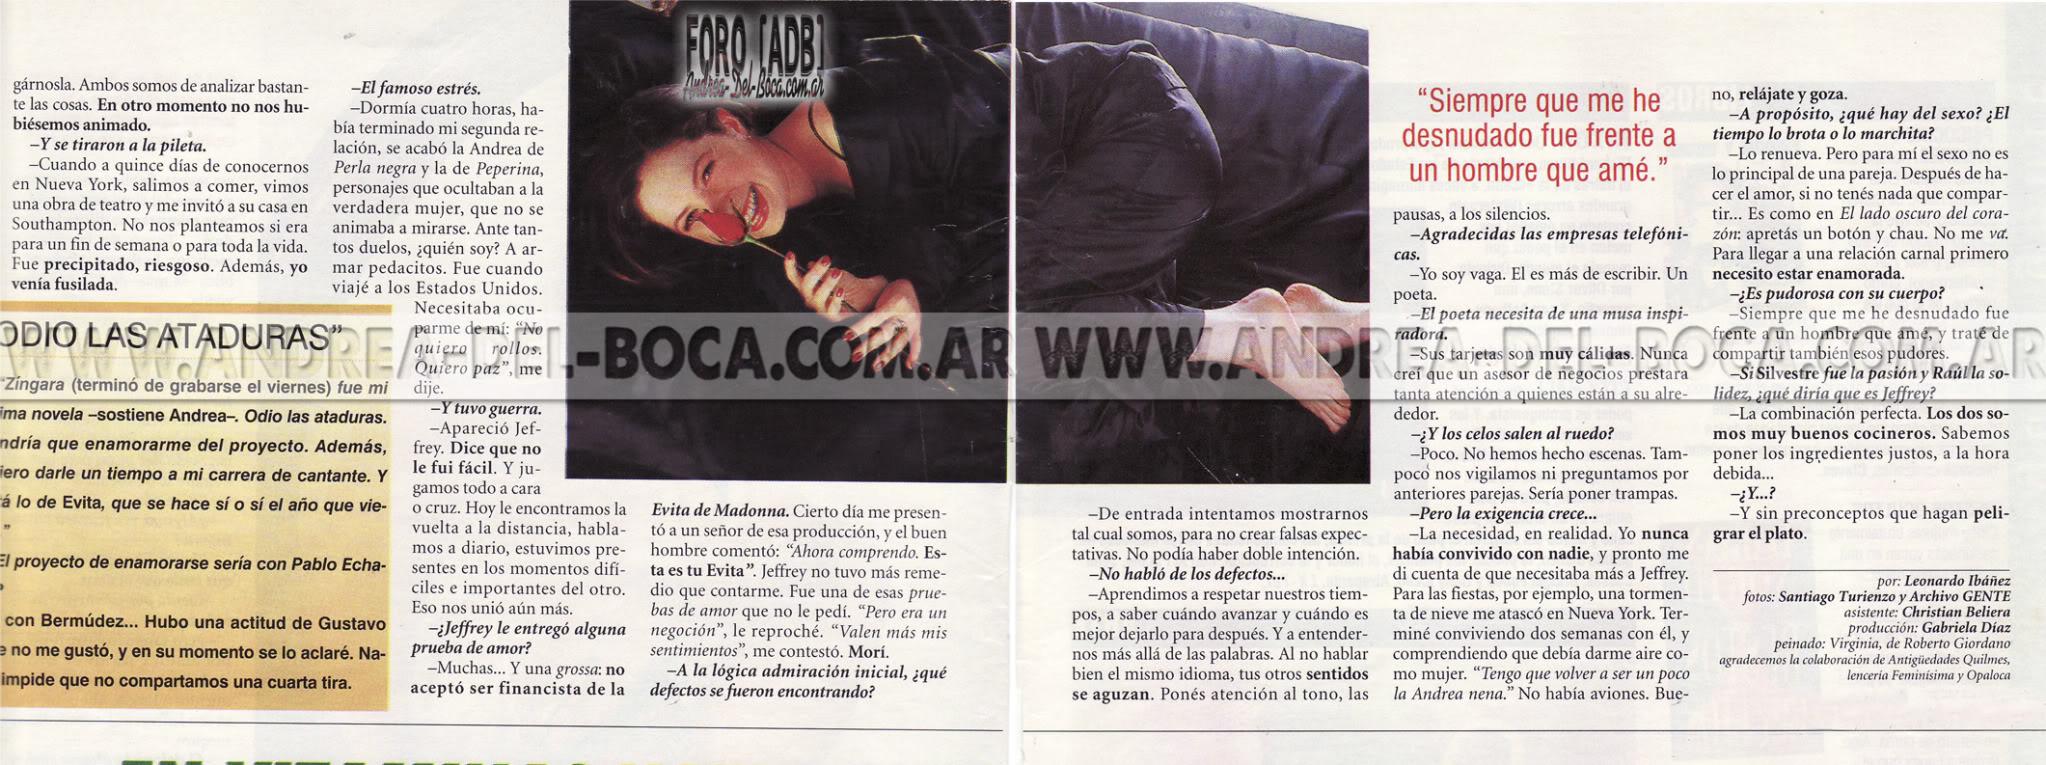 Статьи различных времен - Página 2 1996_Gente_006